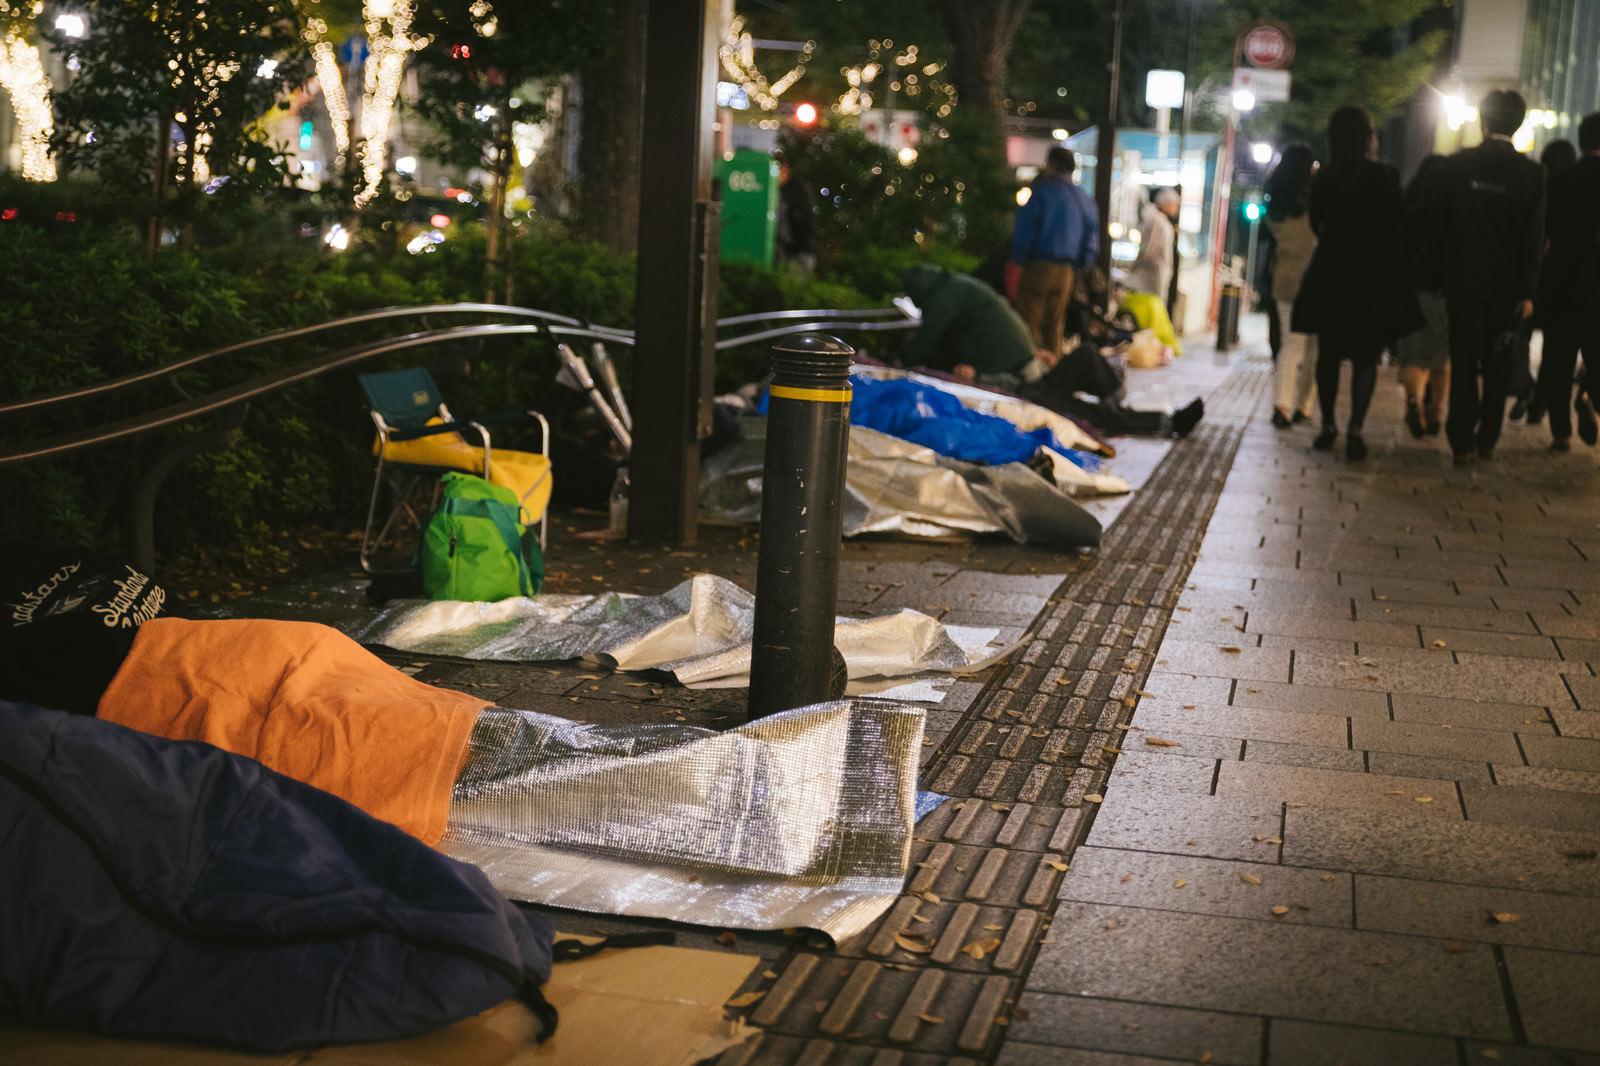 「新製品の徹夜寝袋組   写真の無料素材・フリー素材 - ぱくたそ」の写真